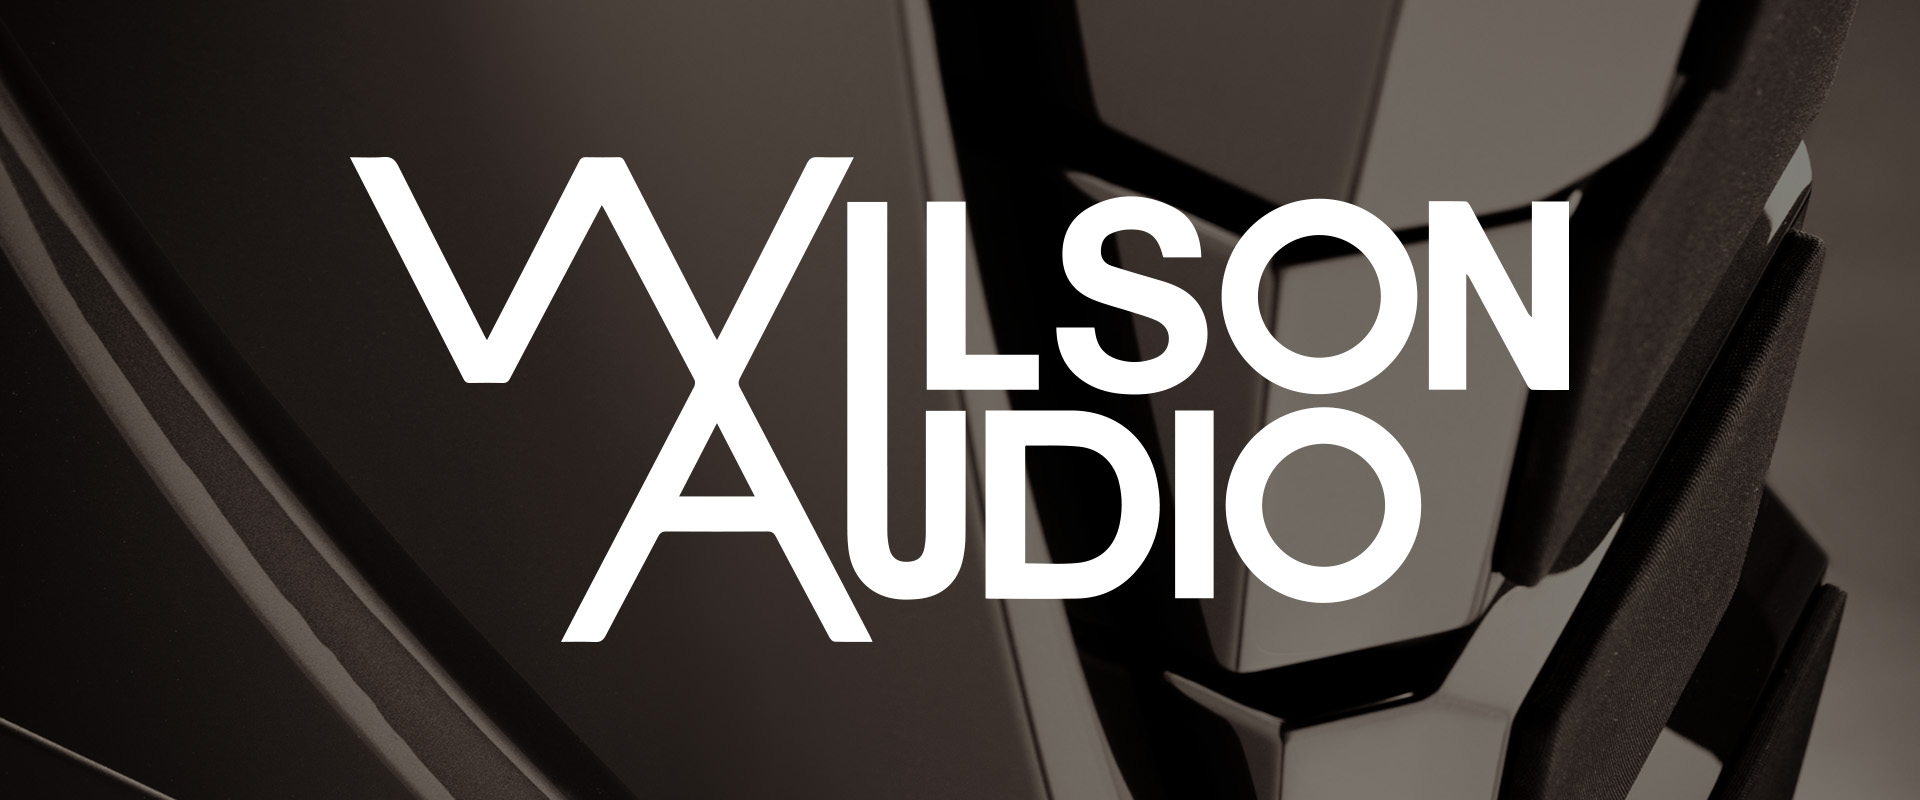 Wilson Audio - Chattelin Audio Systems